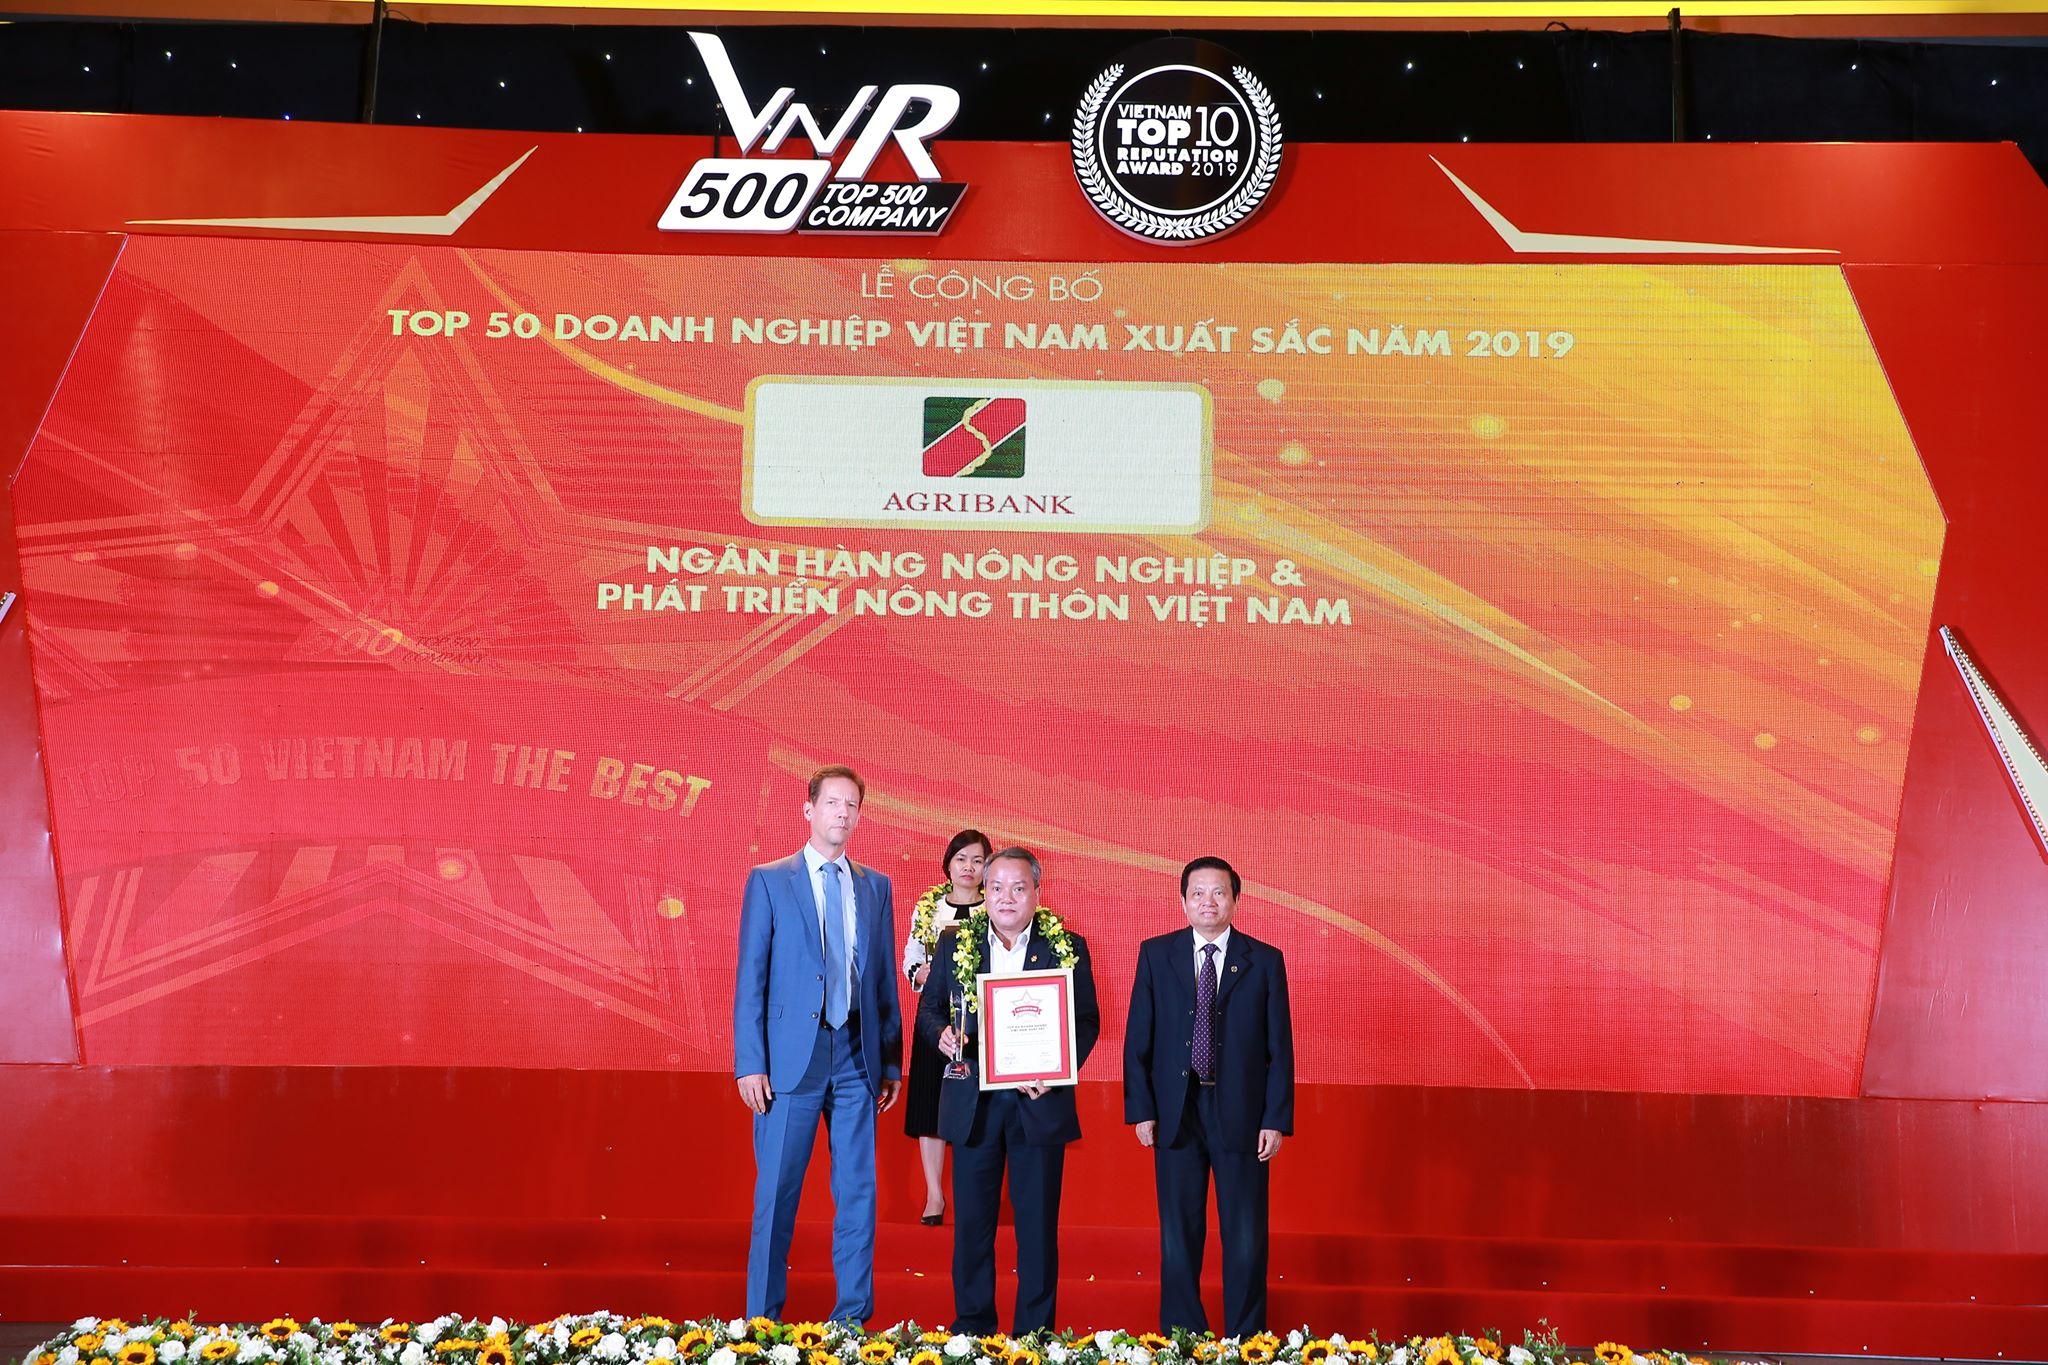 Agribank - TOP10 Doanh nghiệp lớn nhất Việt Nam năm 2019  - Ảnh 1